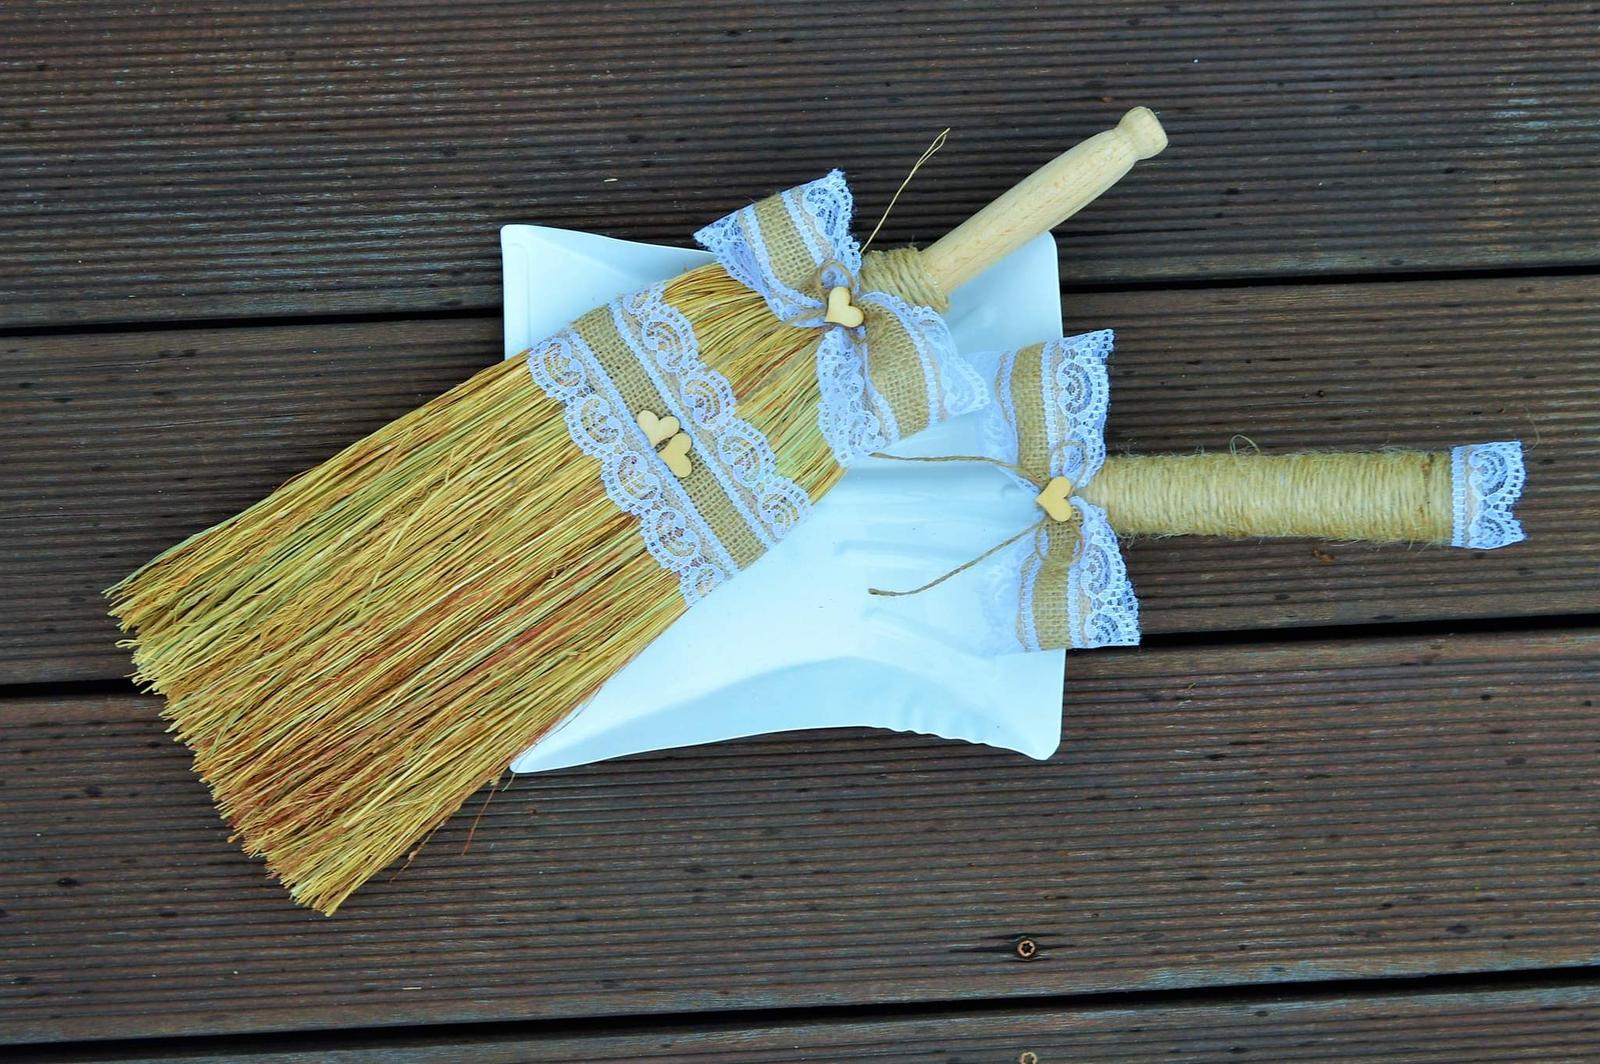 svatební lopatka - Obrázek č. 1